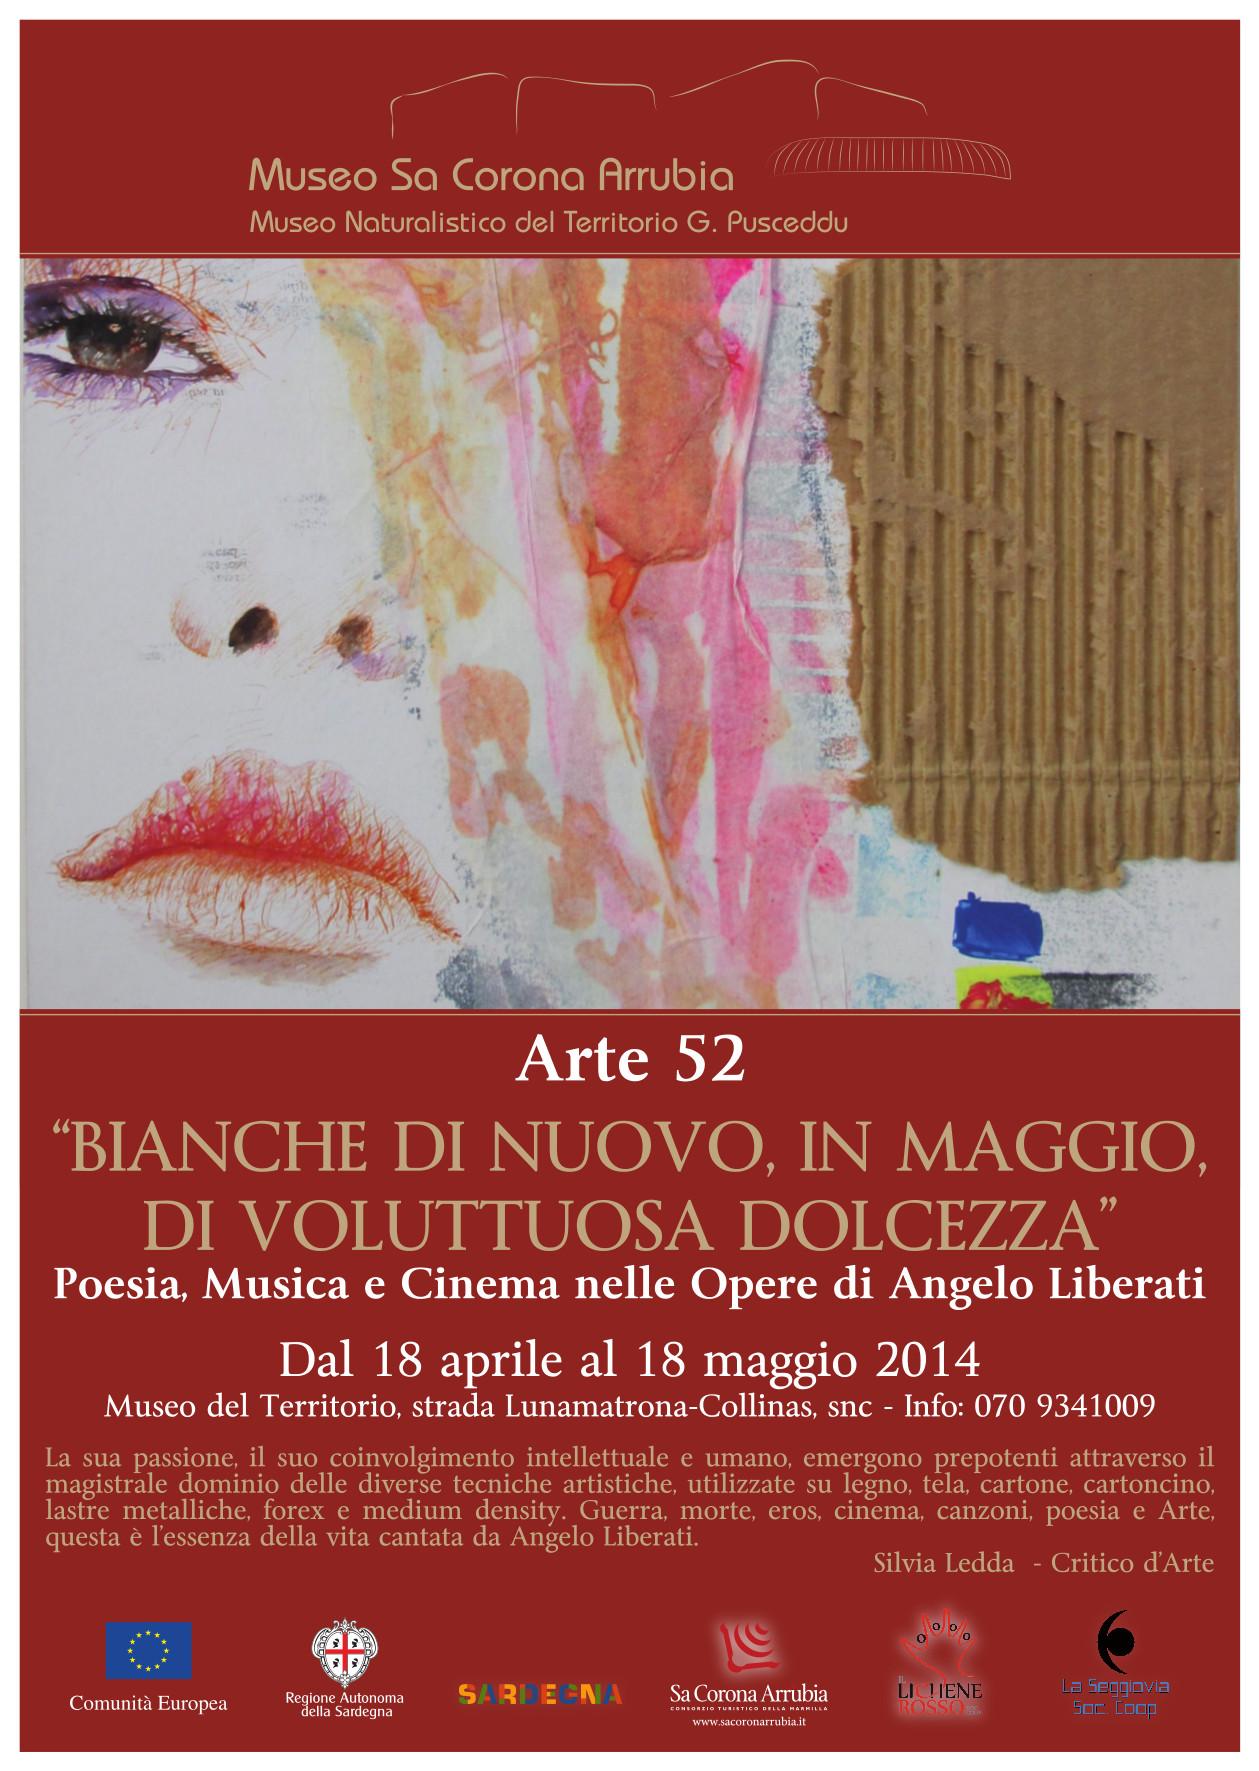 """Museo Sa Corona Arrubia Arte52 """"Bianche di nuovo in maggio di voluttuosa dolcezza""""  Personale di Angelo Liberati  Dal 18 aprile al 18 maggio 2014"""